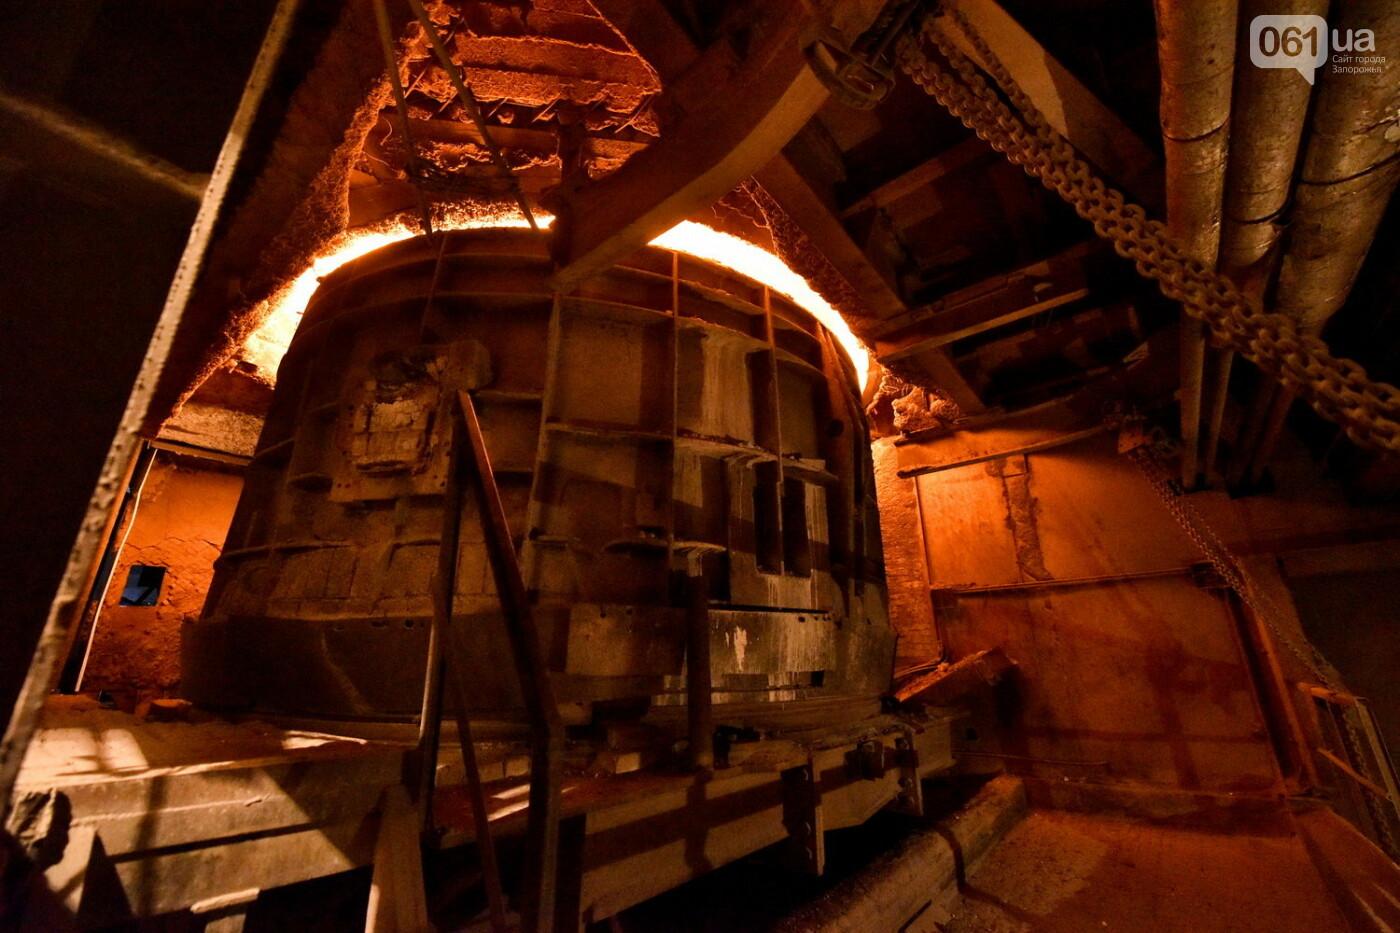 Как руду превращают в ферросплавы: экскурсия на производство, – ФОТОРЕПОРТАЖ, фото-16